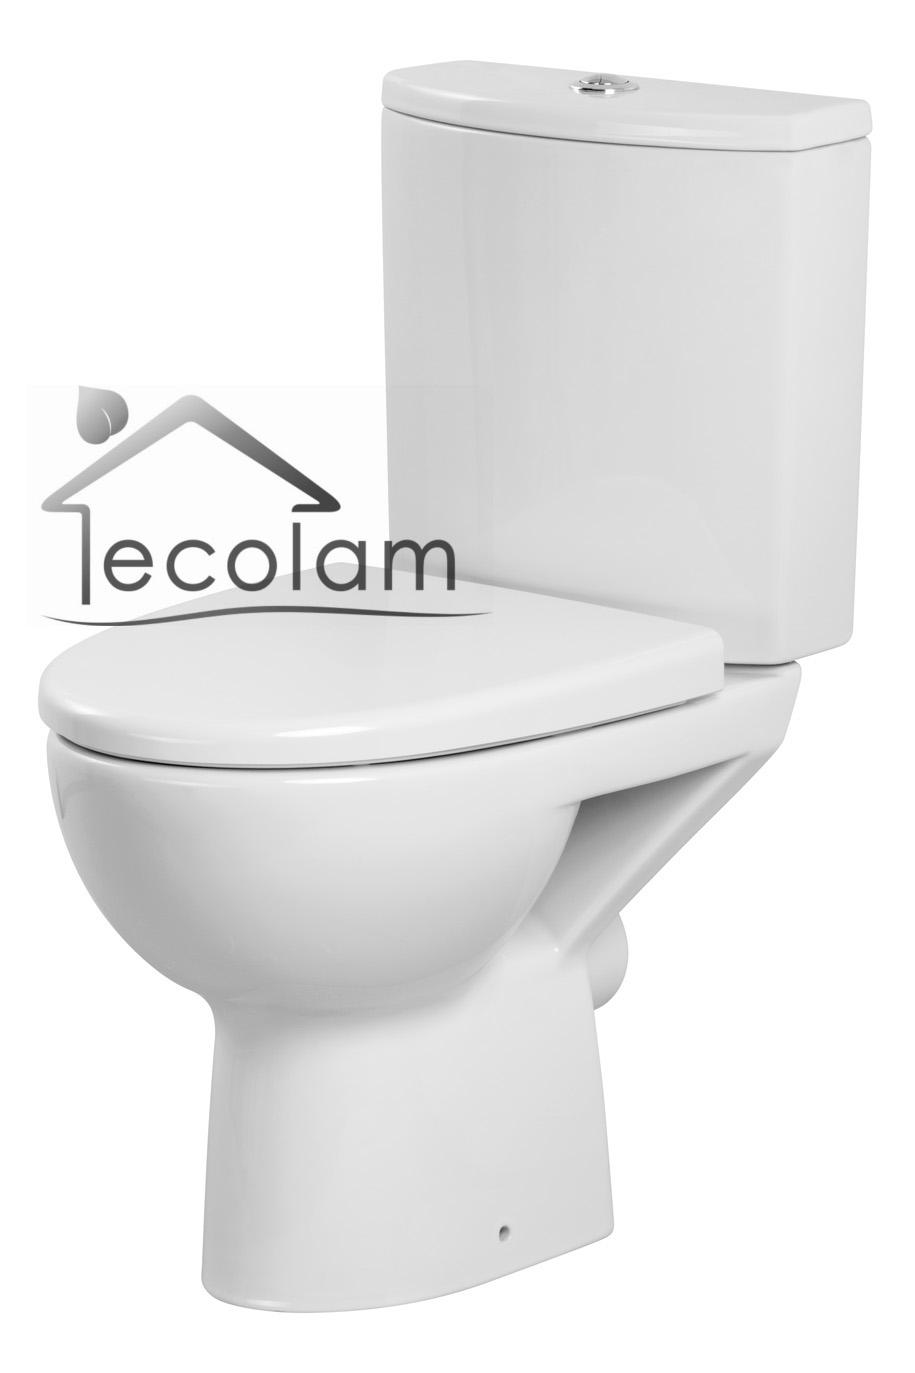 wc toilette stand tiefsp ler bodenstehend sp lkasten sitz soft close cersanit ebay. Black Bedroom Furniture Sets. Home Design Ideas